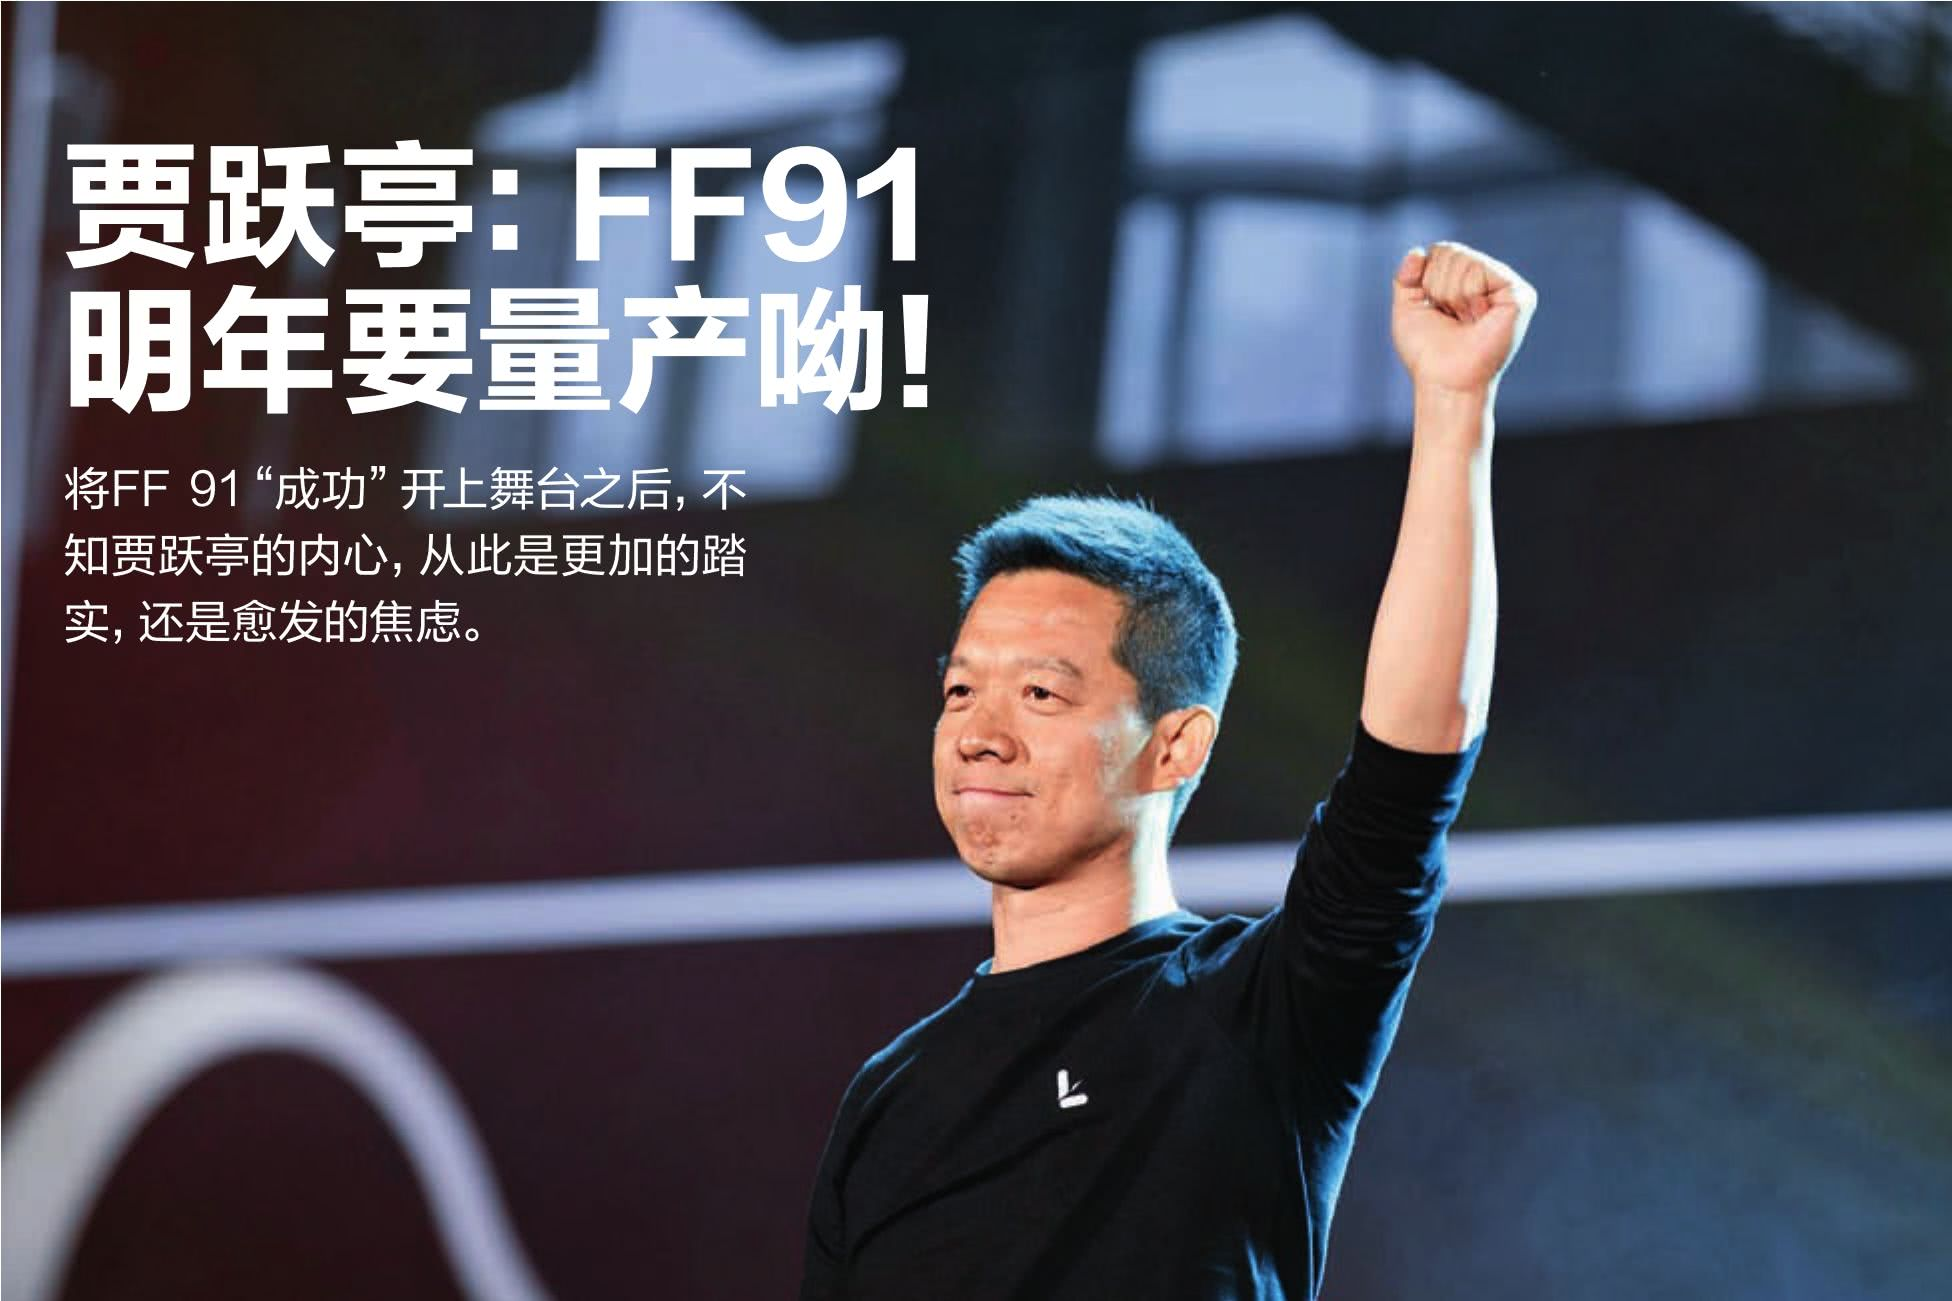 """中国区FF最新车型明年量产 贾跃亭朱骏给消费者这个""""惊喜价"""""""